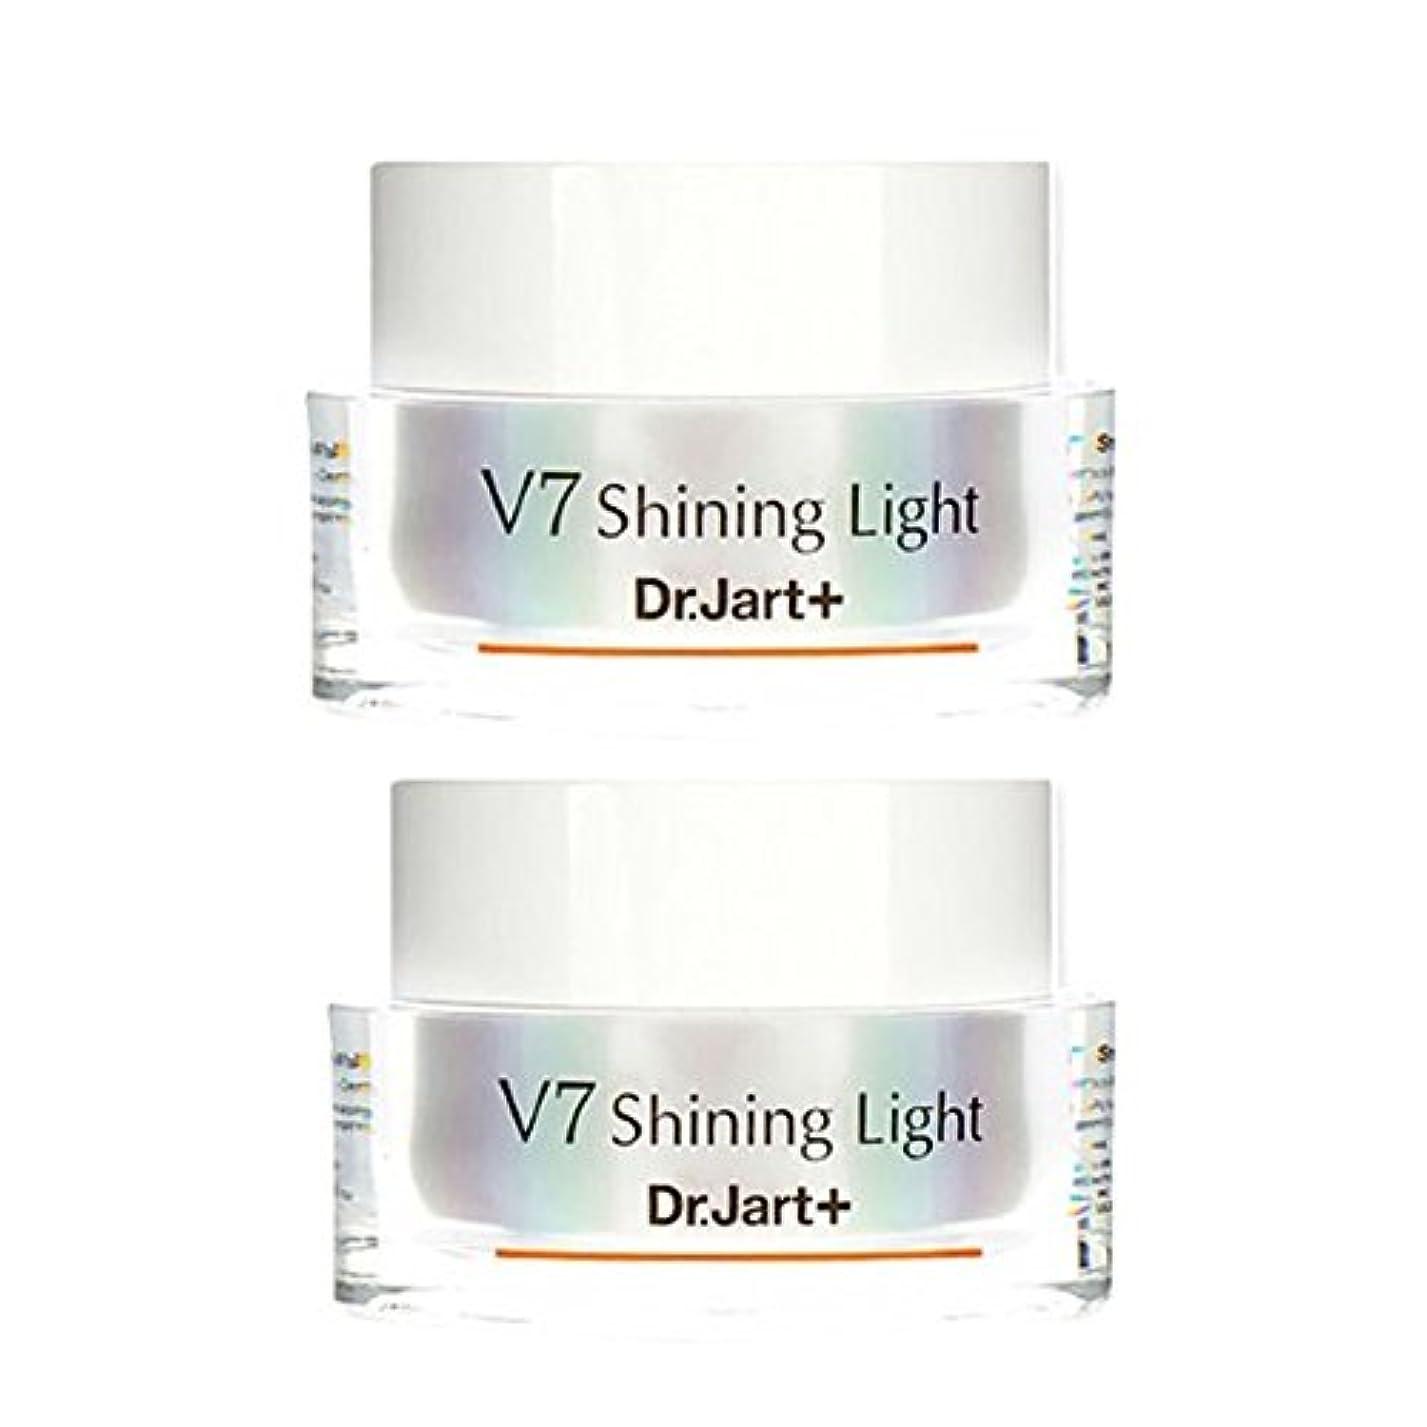 リアルいつも記述するドクタージャルトゥ(Dr.Jart+) V7シャイニングライト?クリーム 50ml x 2本セット 、Dr.Jart+ V7 Shining Light Cream 50ml x 2ea Set [並行輸入品]